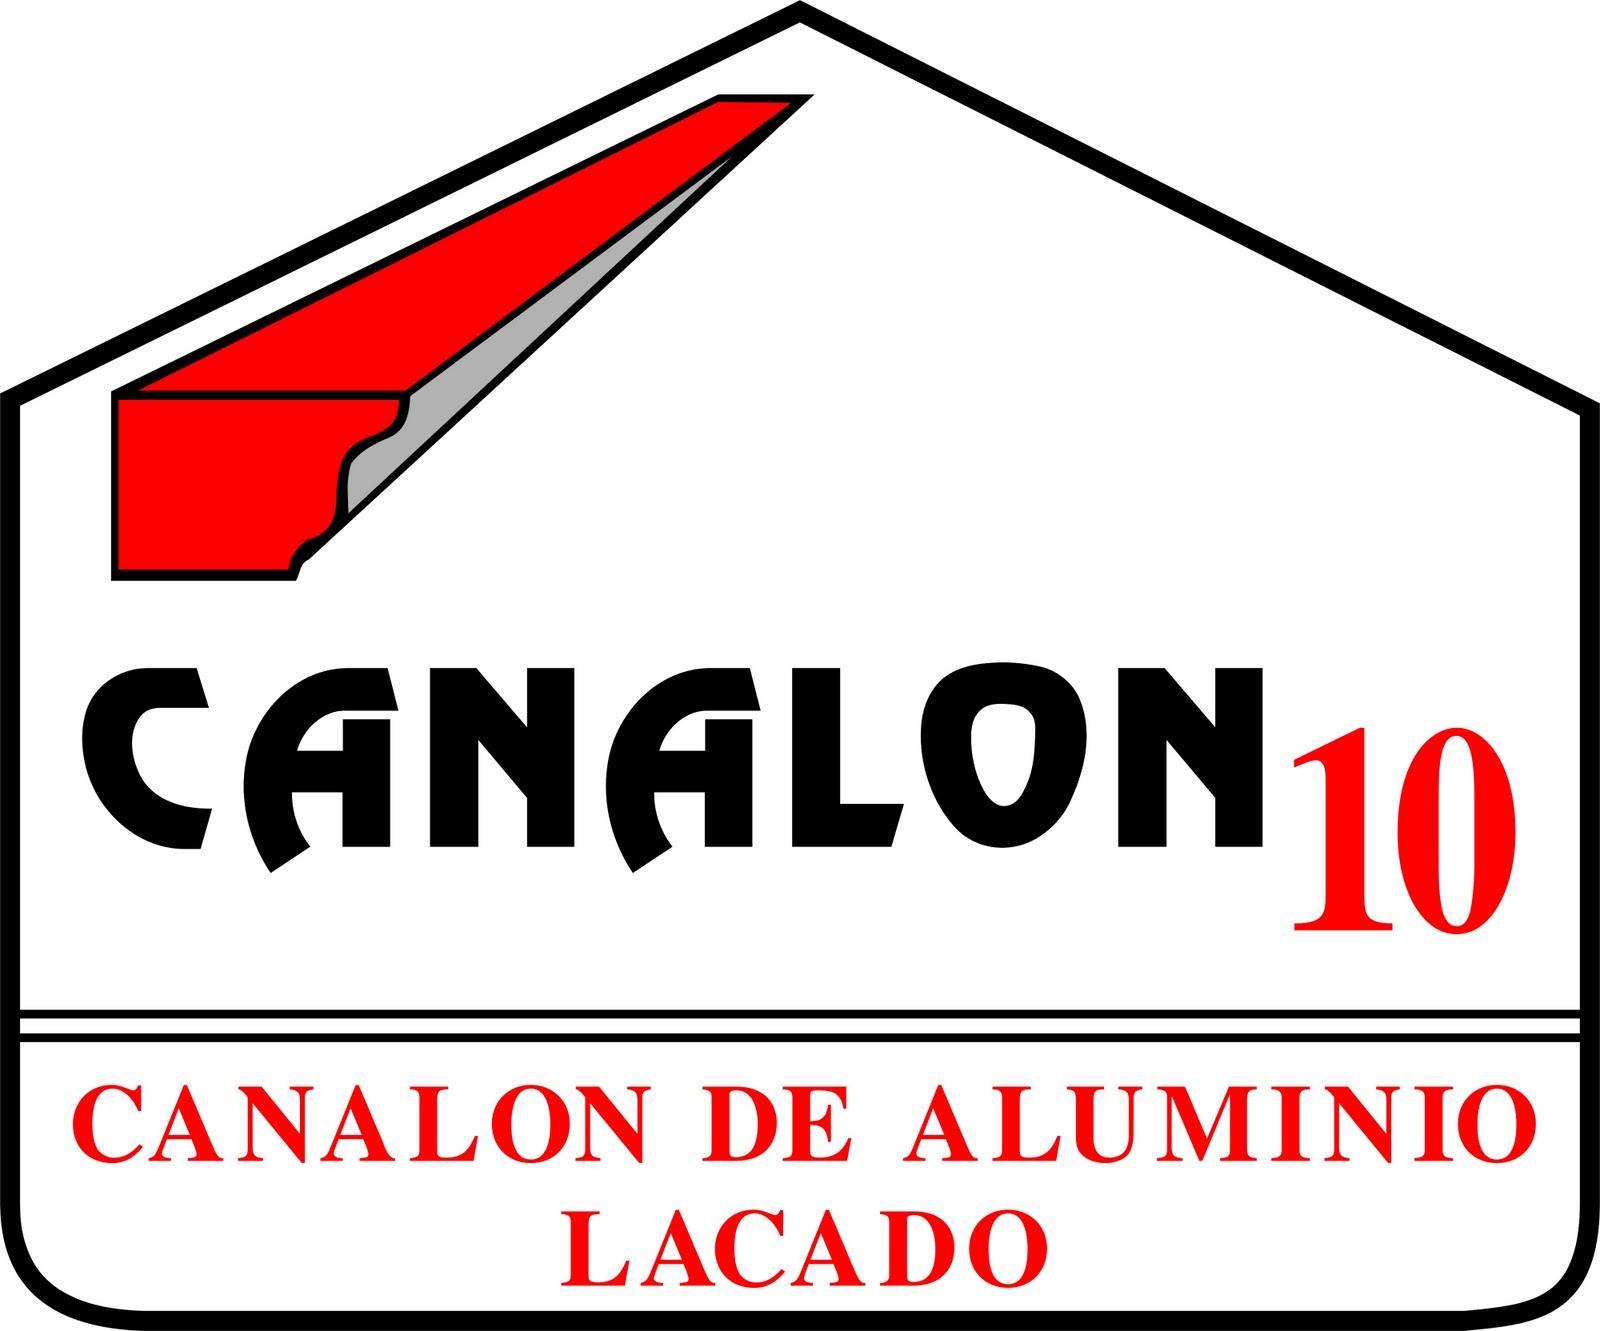 Canalon 10 for Canalon de aluminio